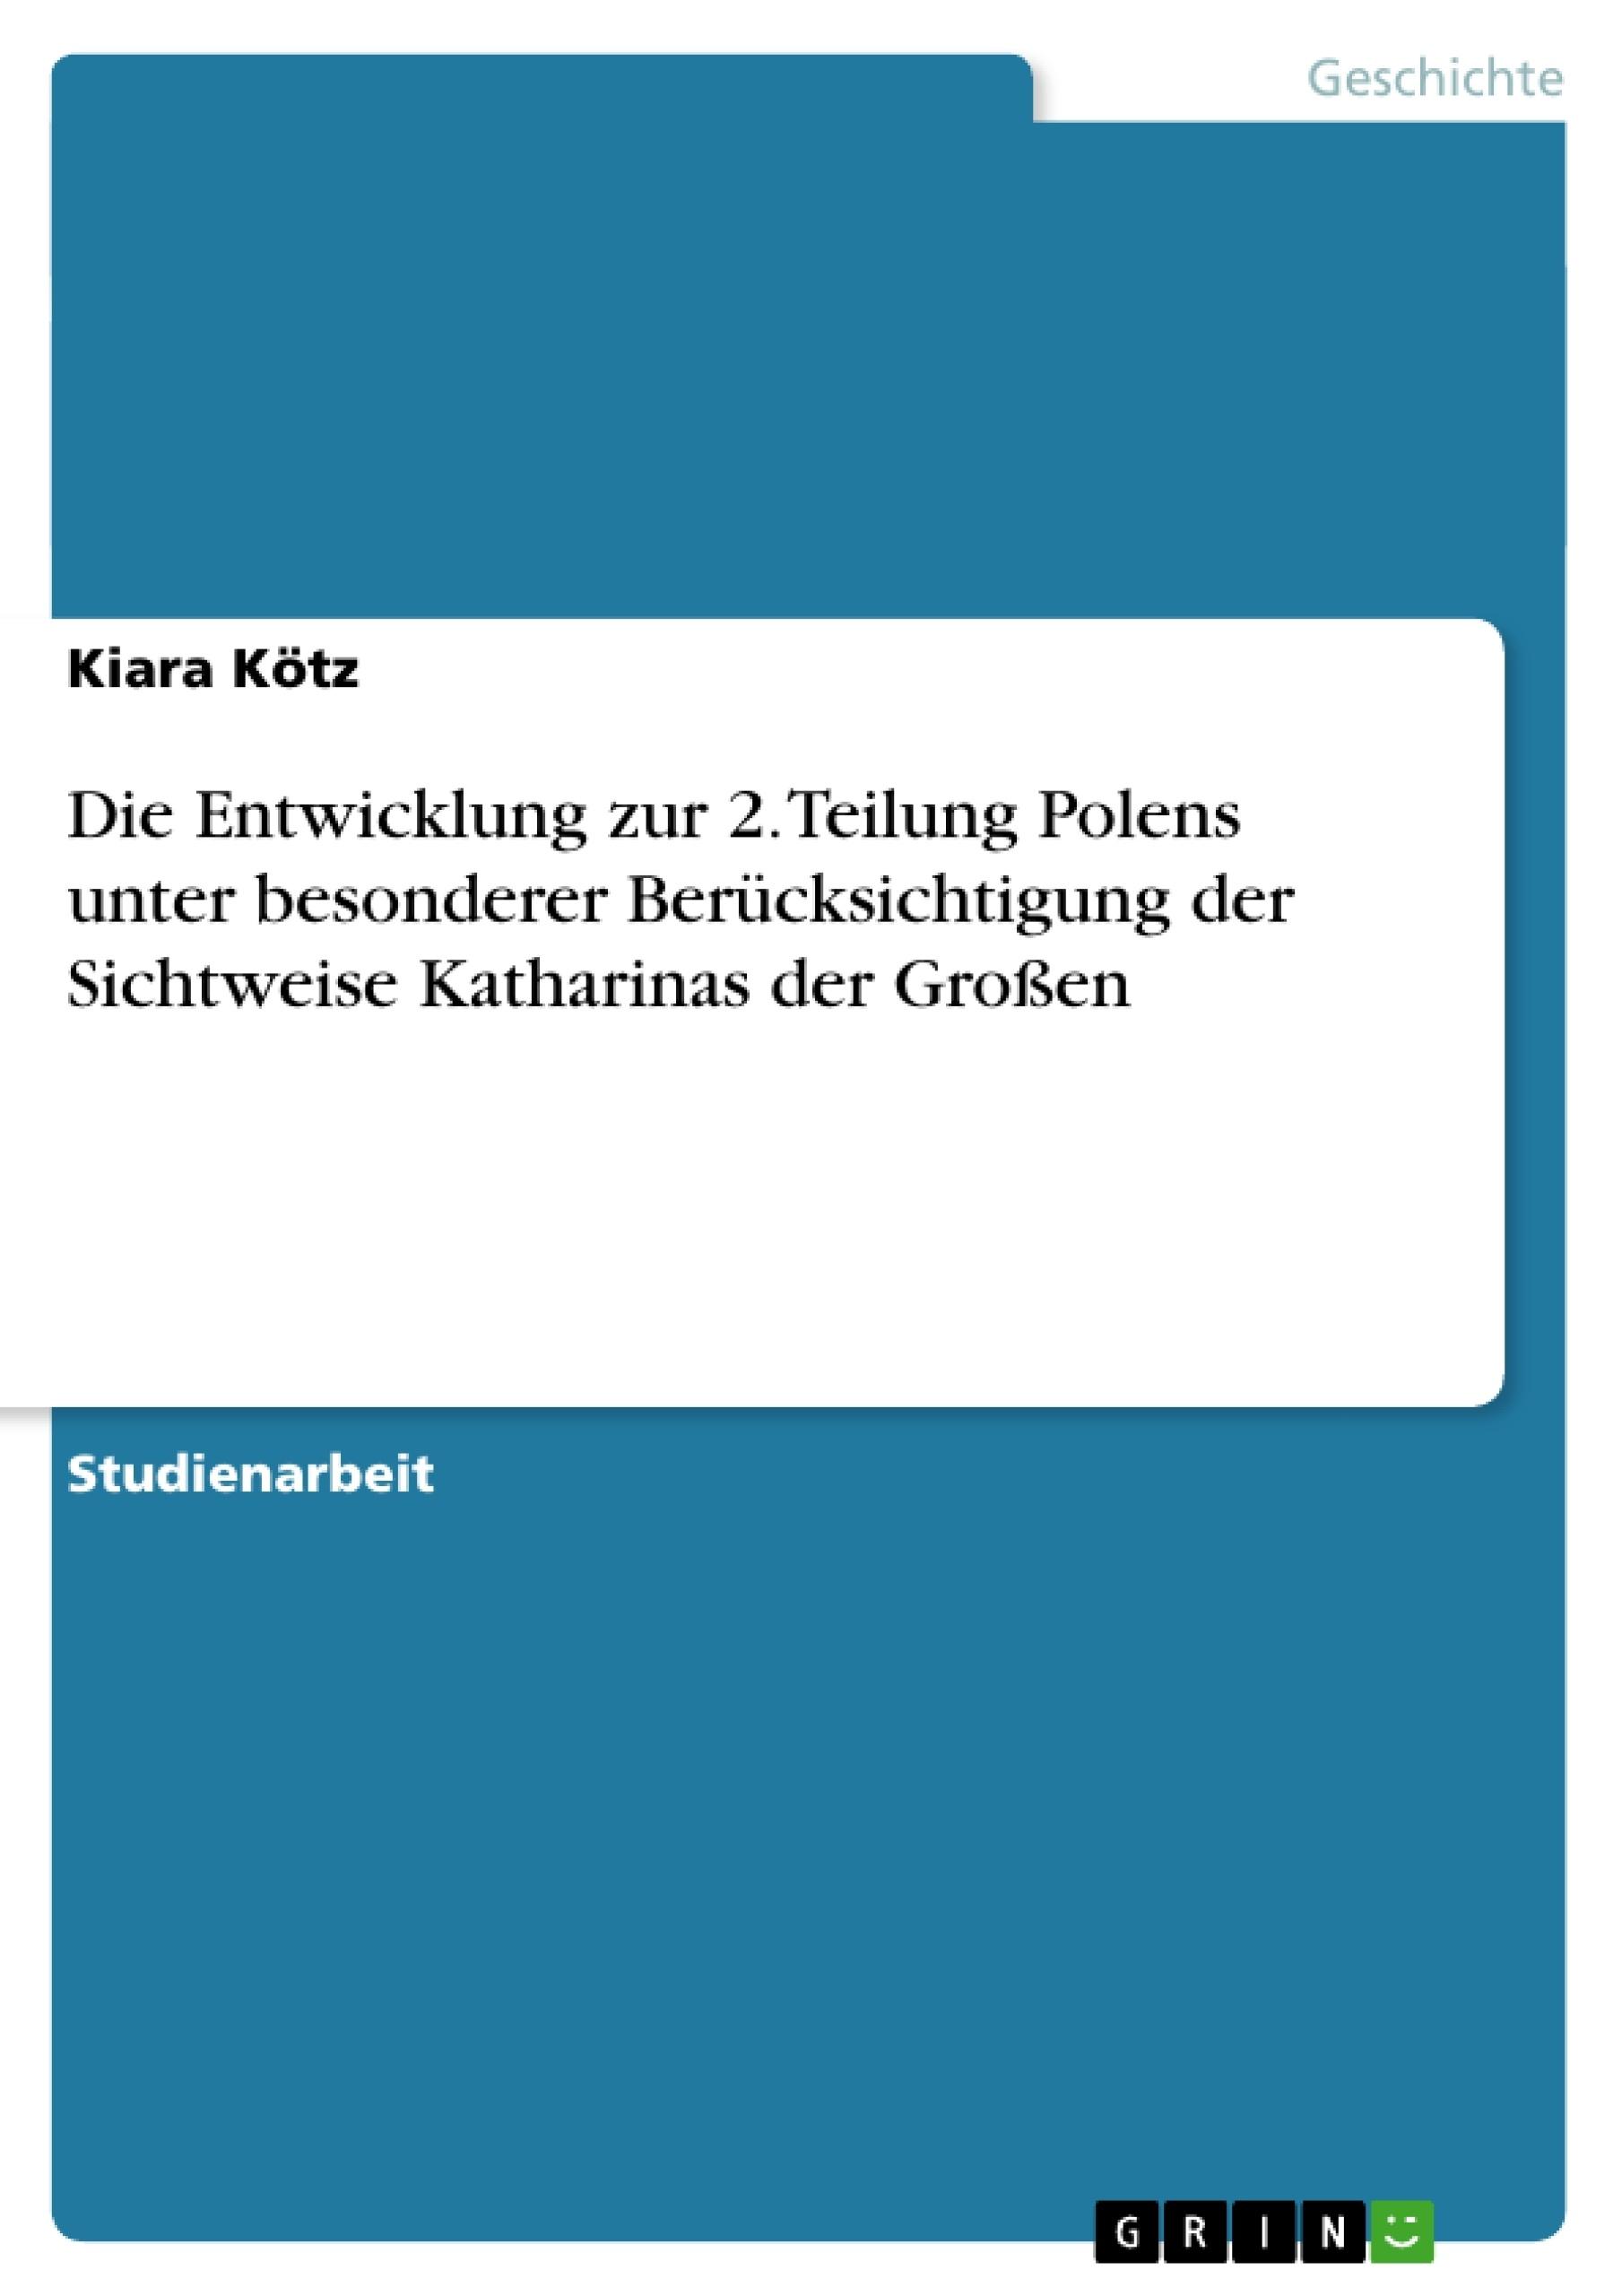 Titel: Die Entwicklung zur 2. Teilung Polens unter besonderer Berücksichtigung der Sichtweise Katharinas der Großen